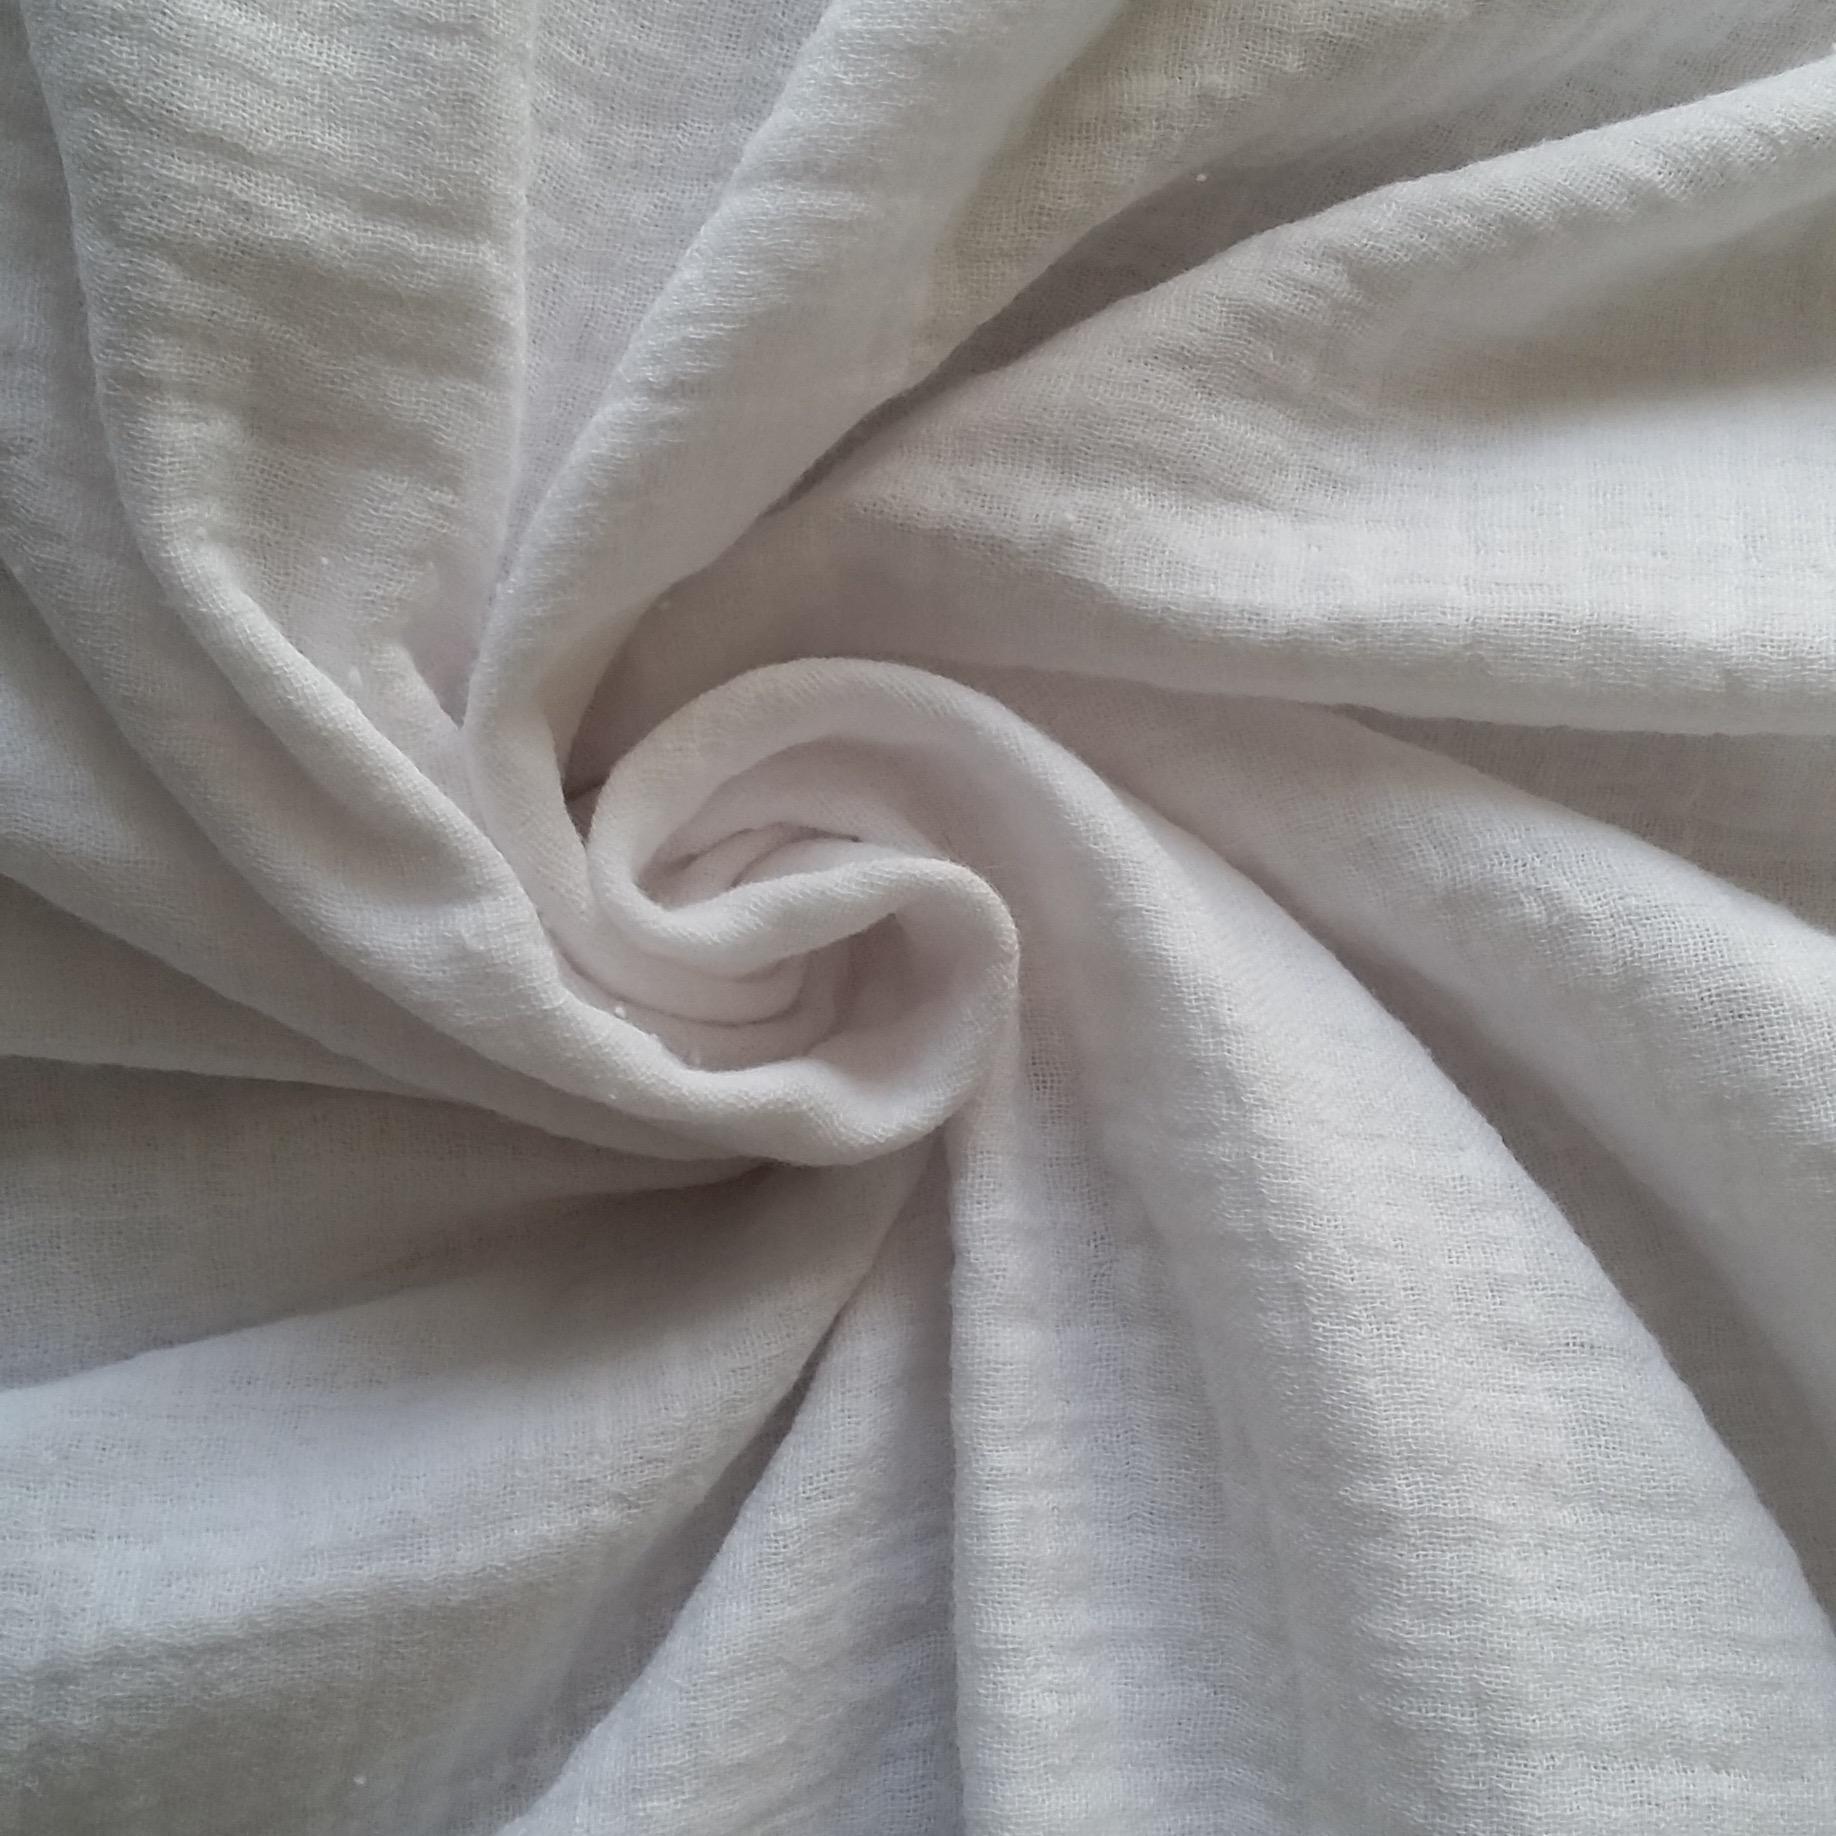 Муслин — что это за ткань: описание, составы, виды и применение